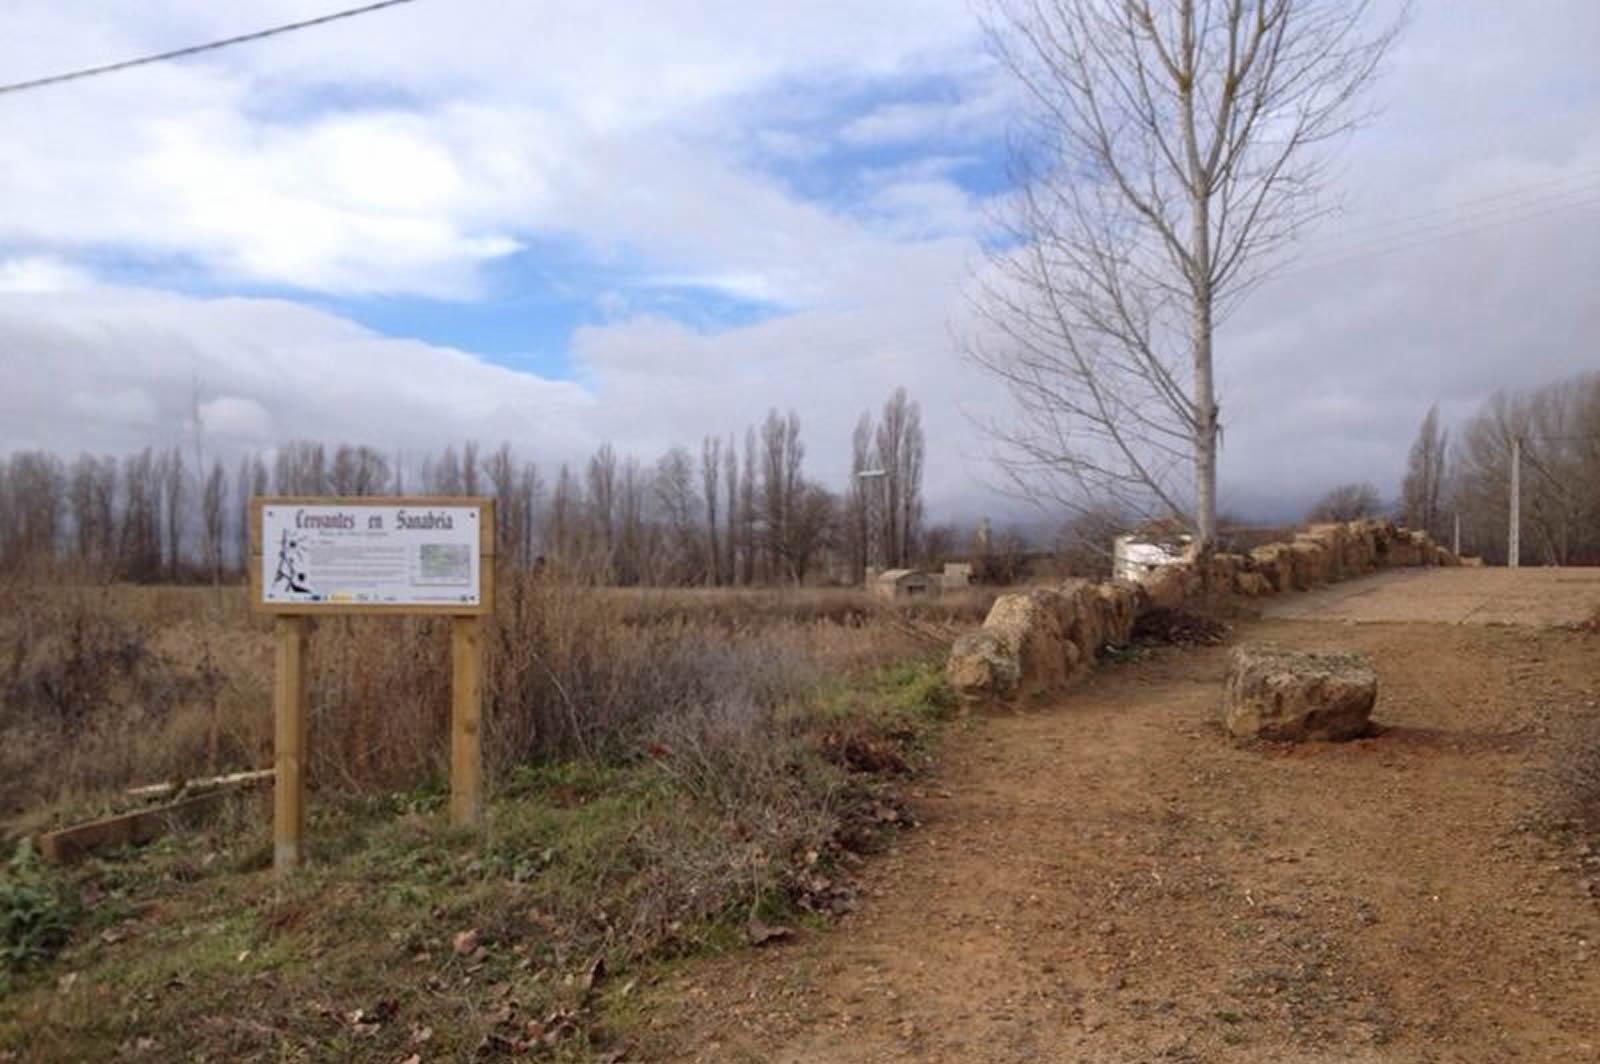 Señal. Puente Cea Defensa